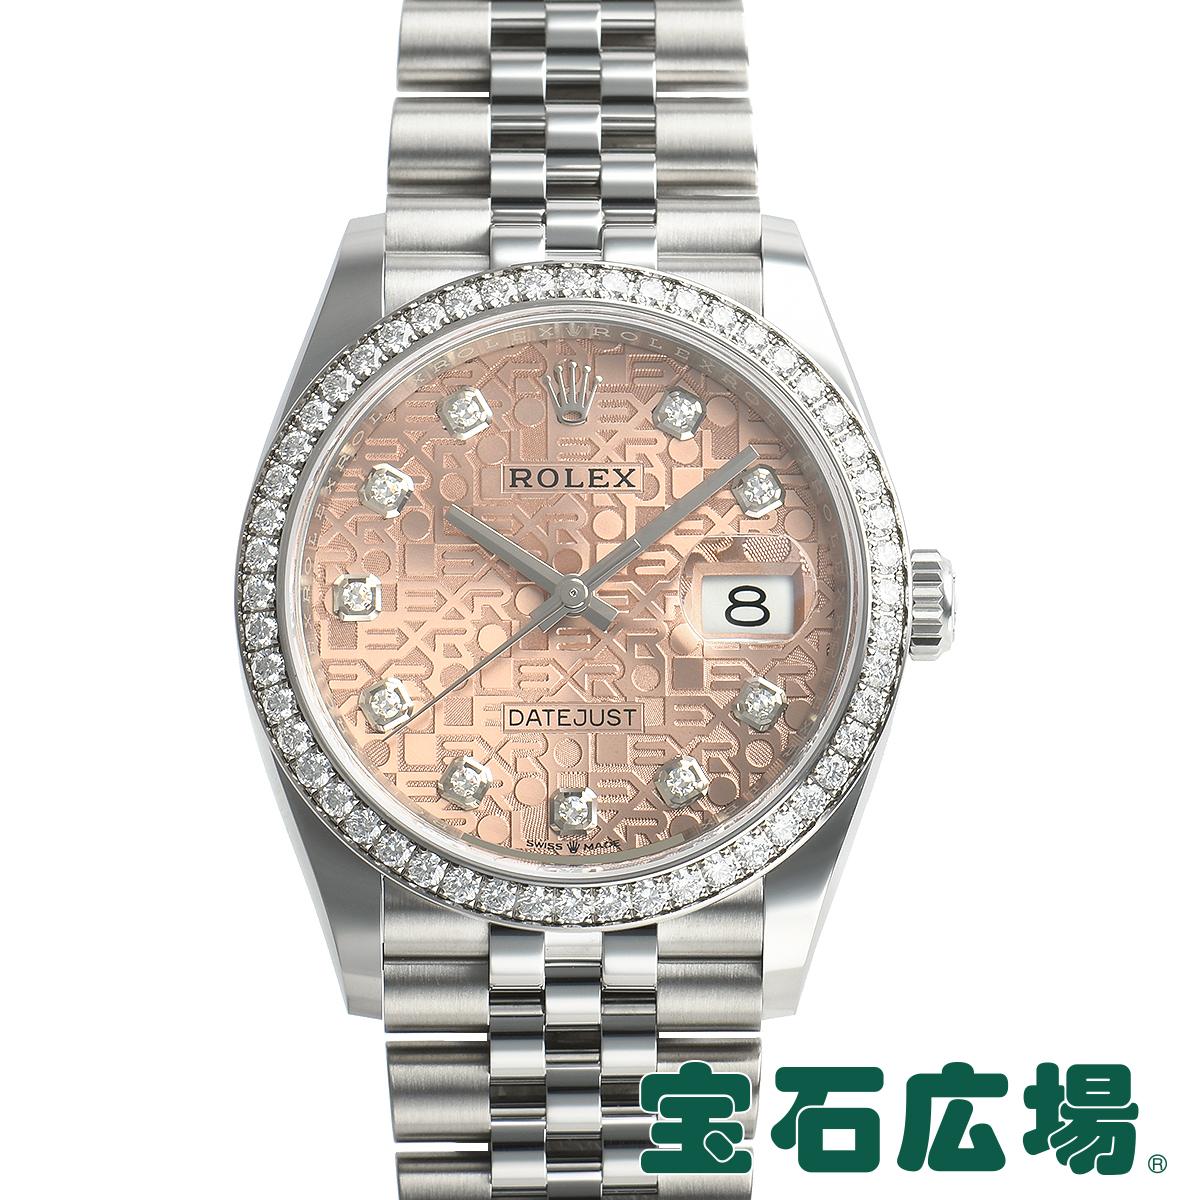 【最大3万円OFFクーポン配布中!5/1(金)0時開始】ロレックス ROLEX デイトジャスト36 126284RBR【新品】メンズ 腕時計 送料無料